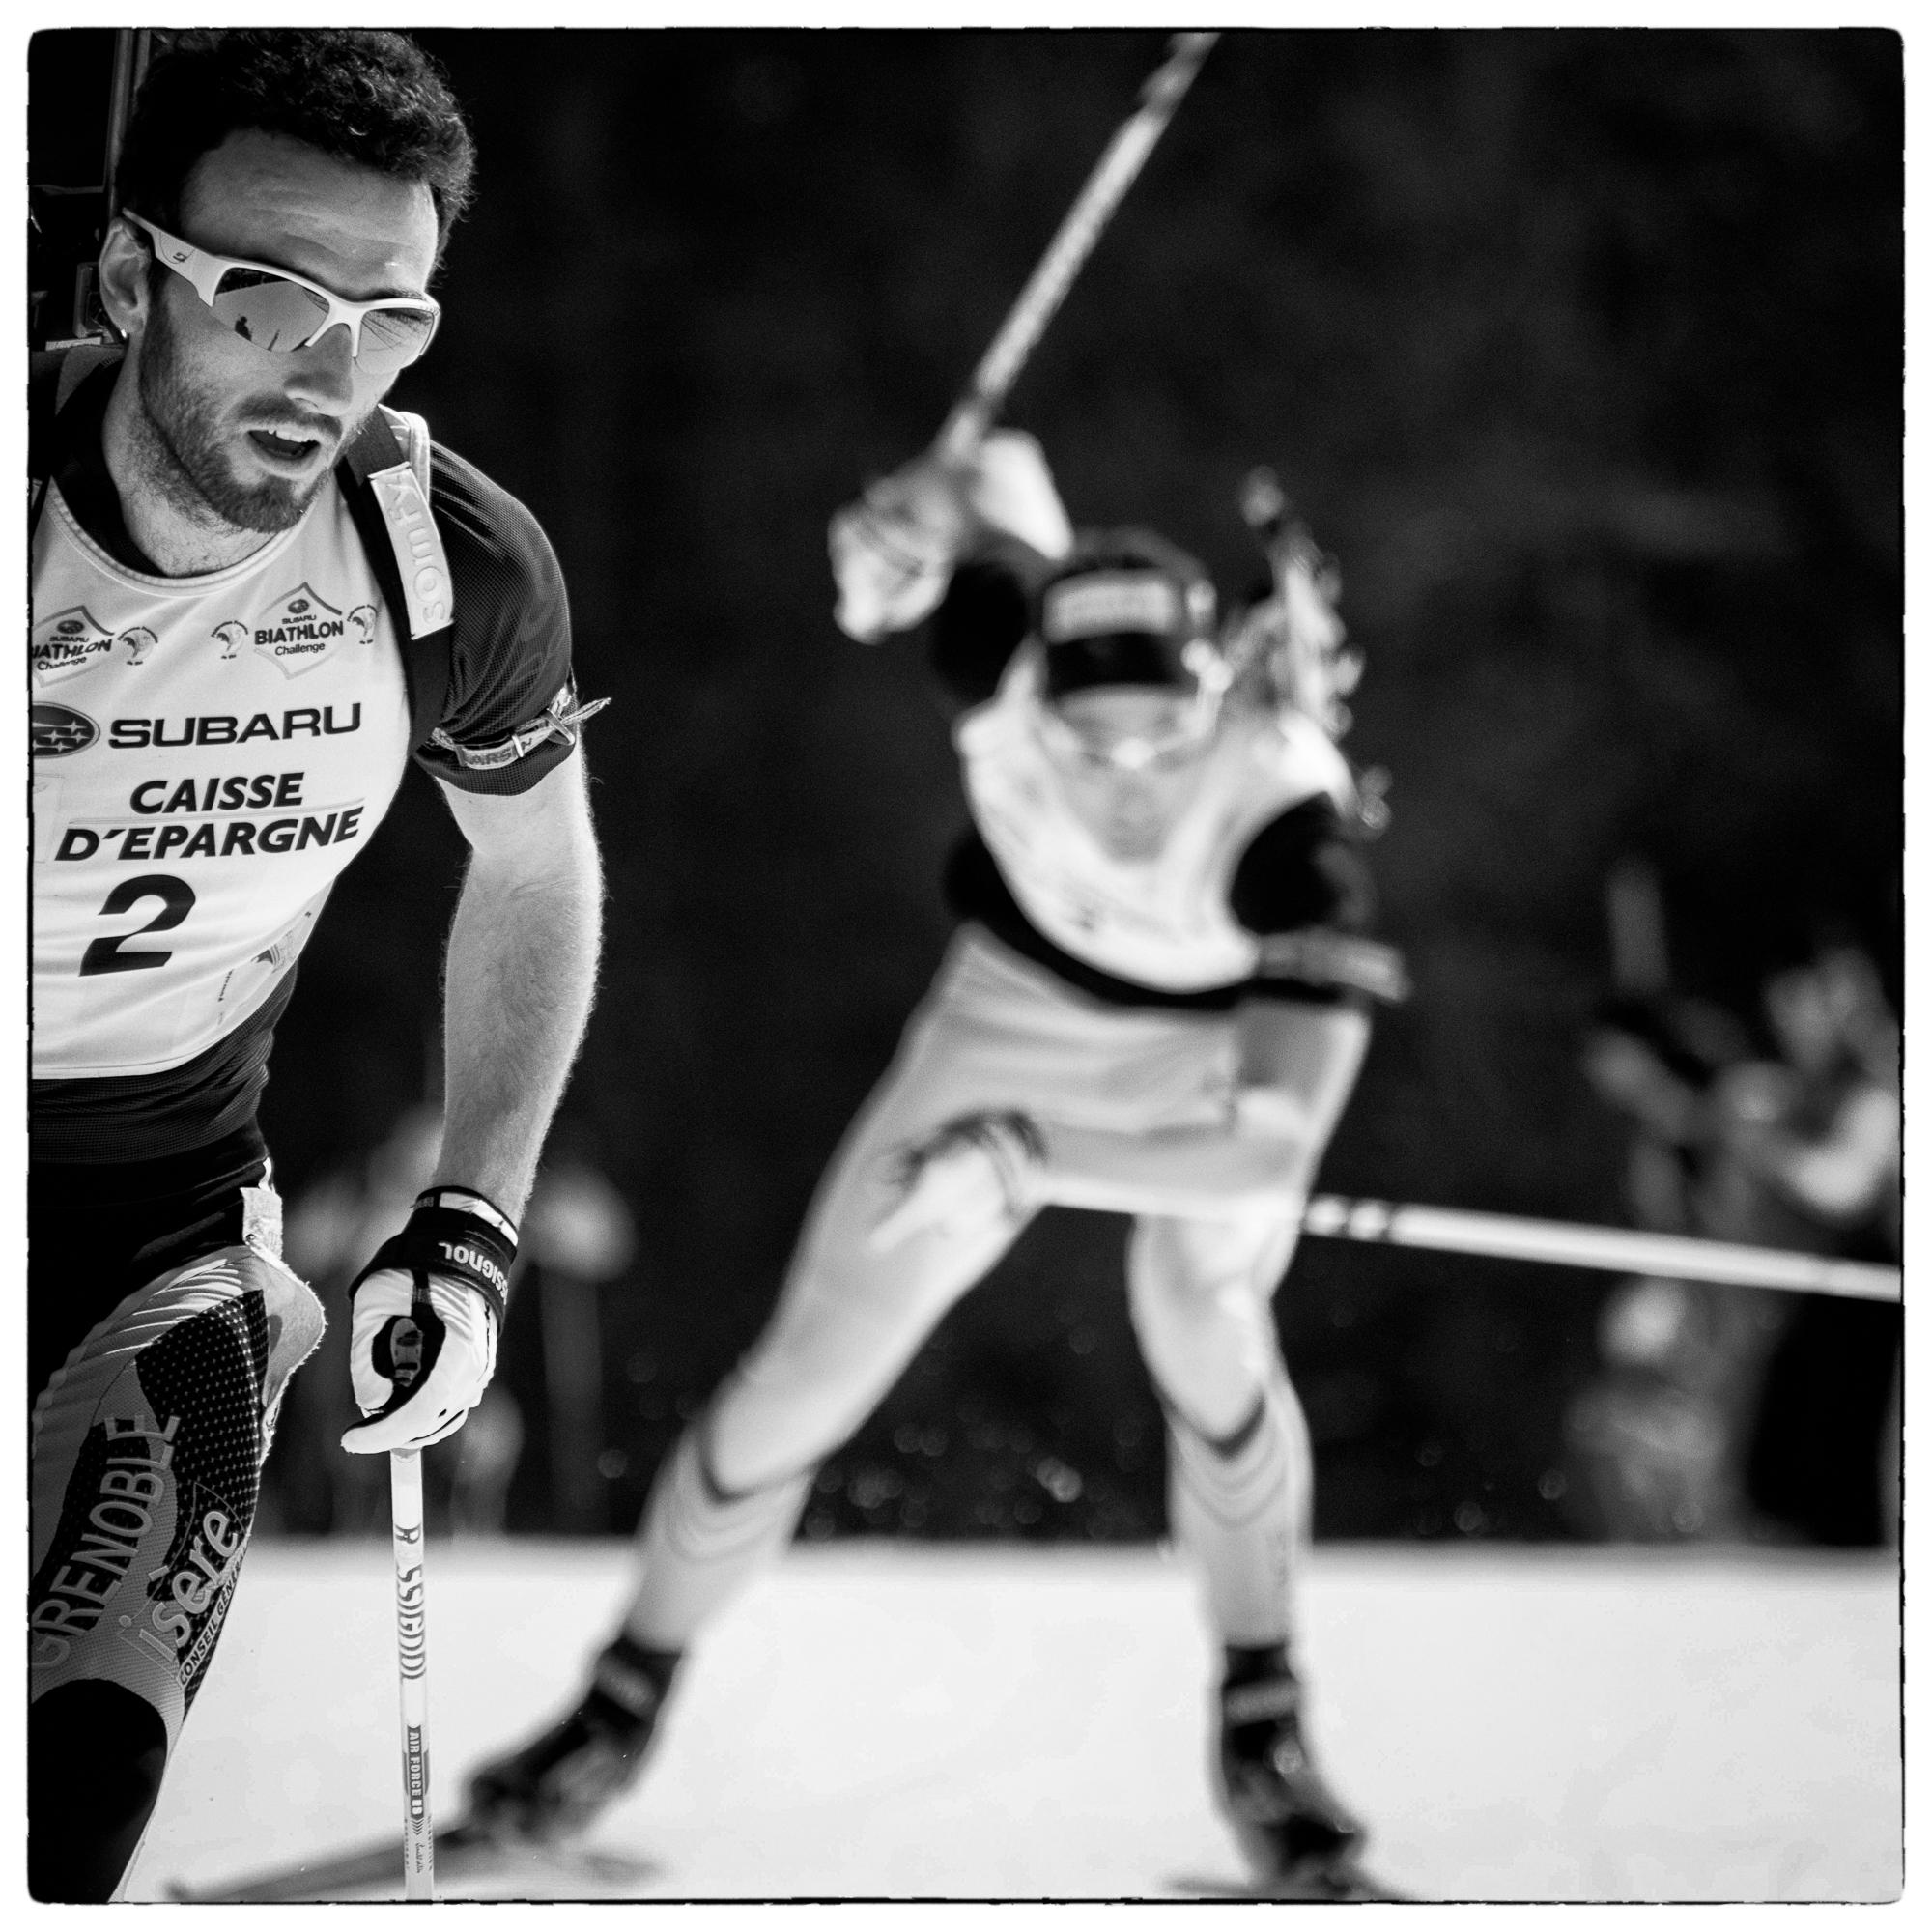 Jean-guillaume Béatrix ; Biathlon